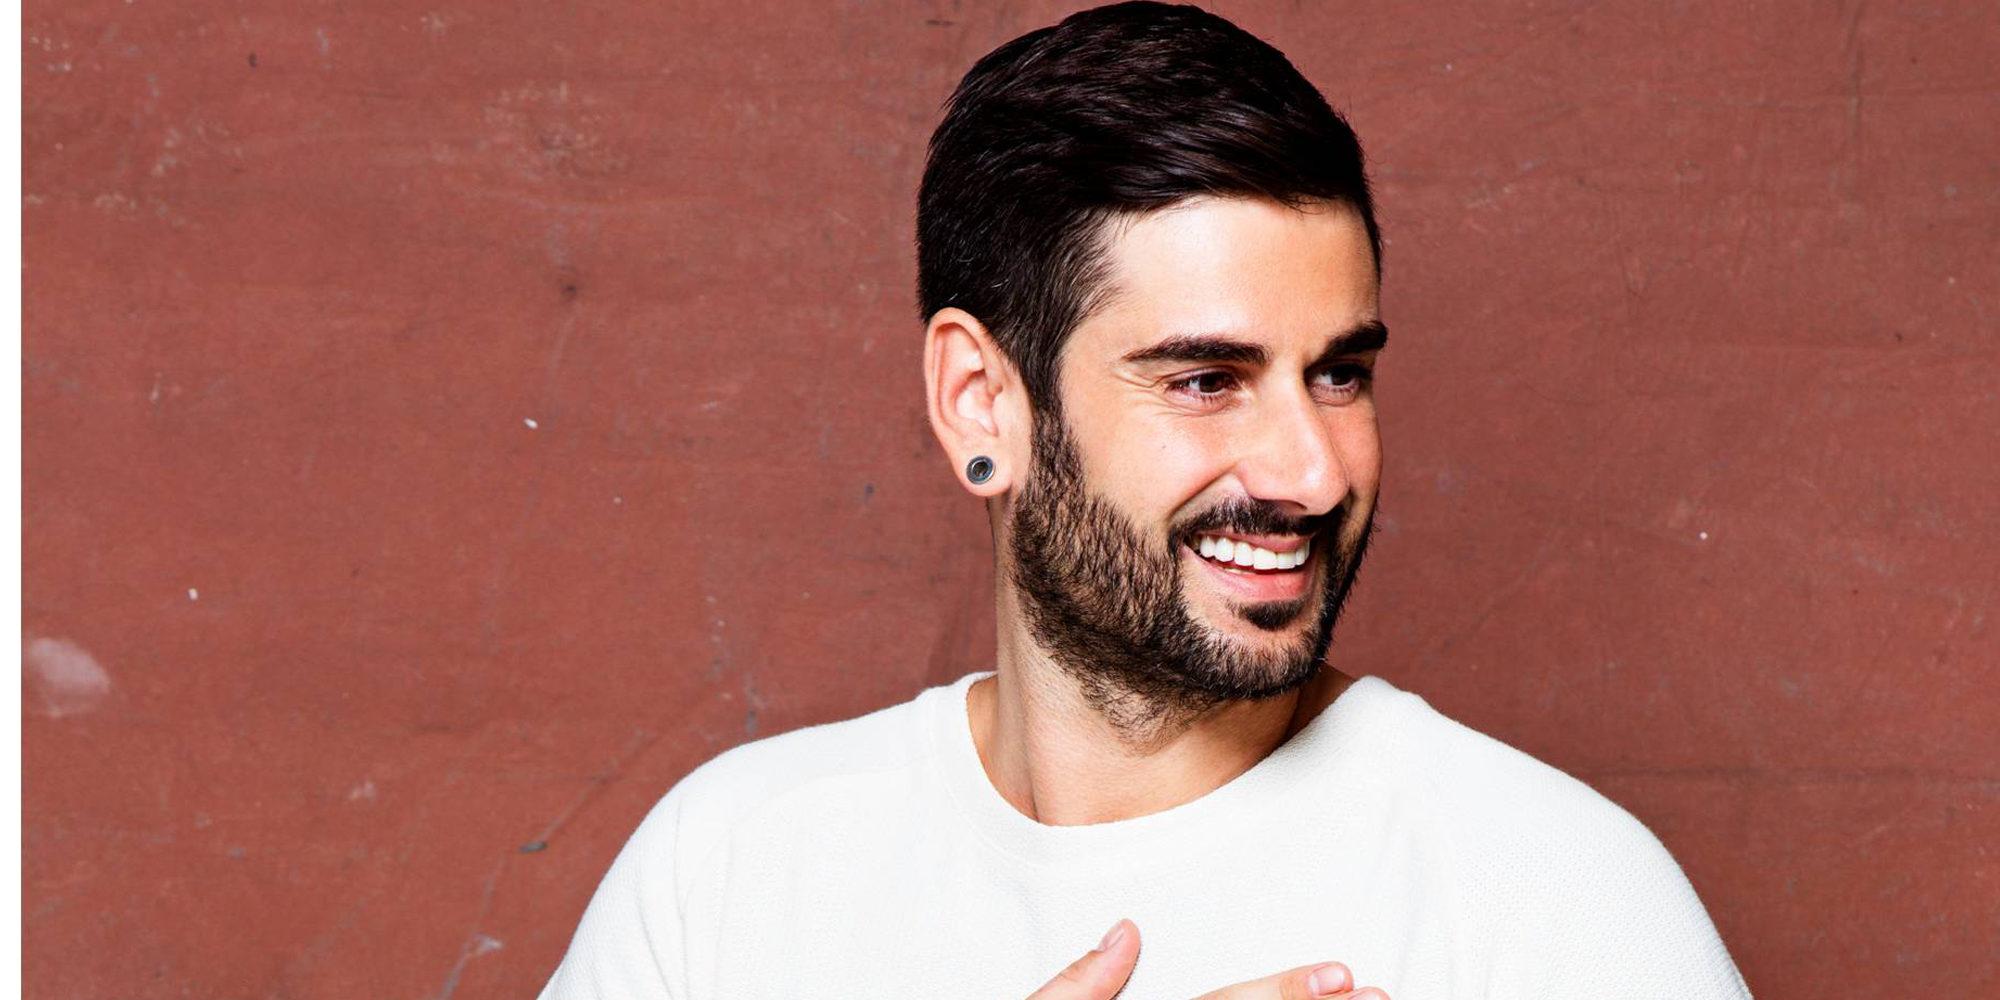 Lanzamientos musicales: Melendi estrena el single 'Desde que estamos juntos'